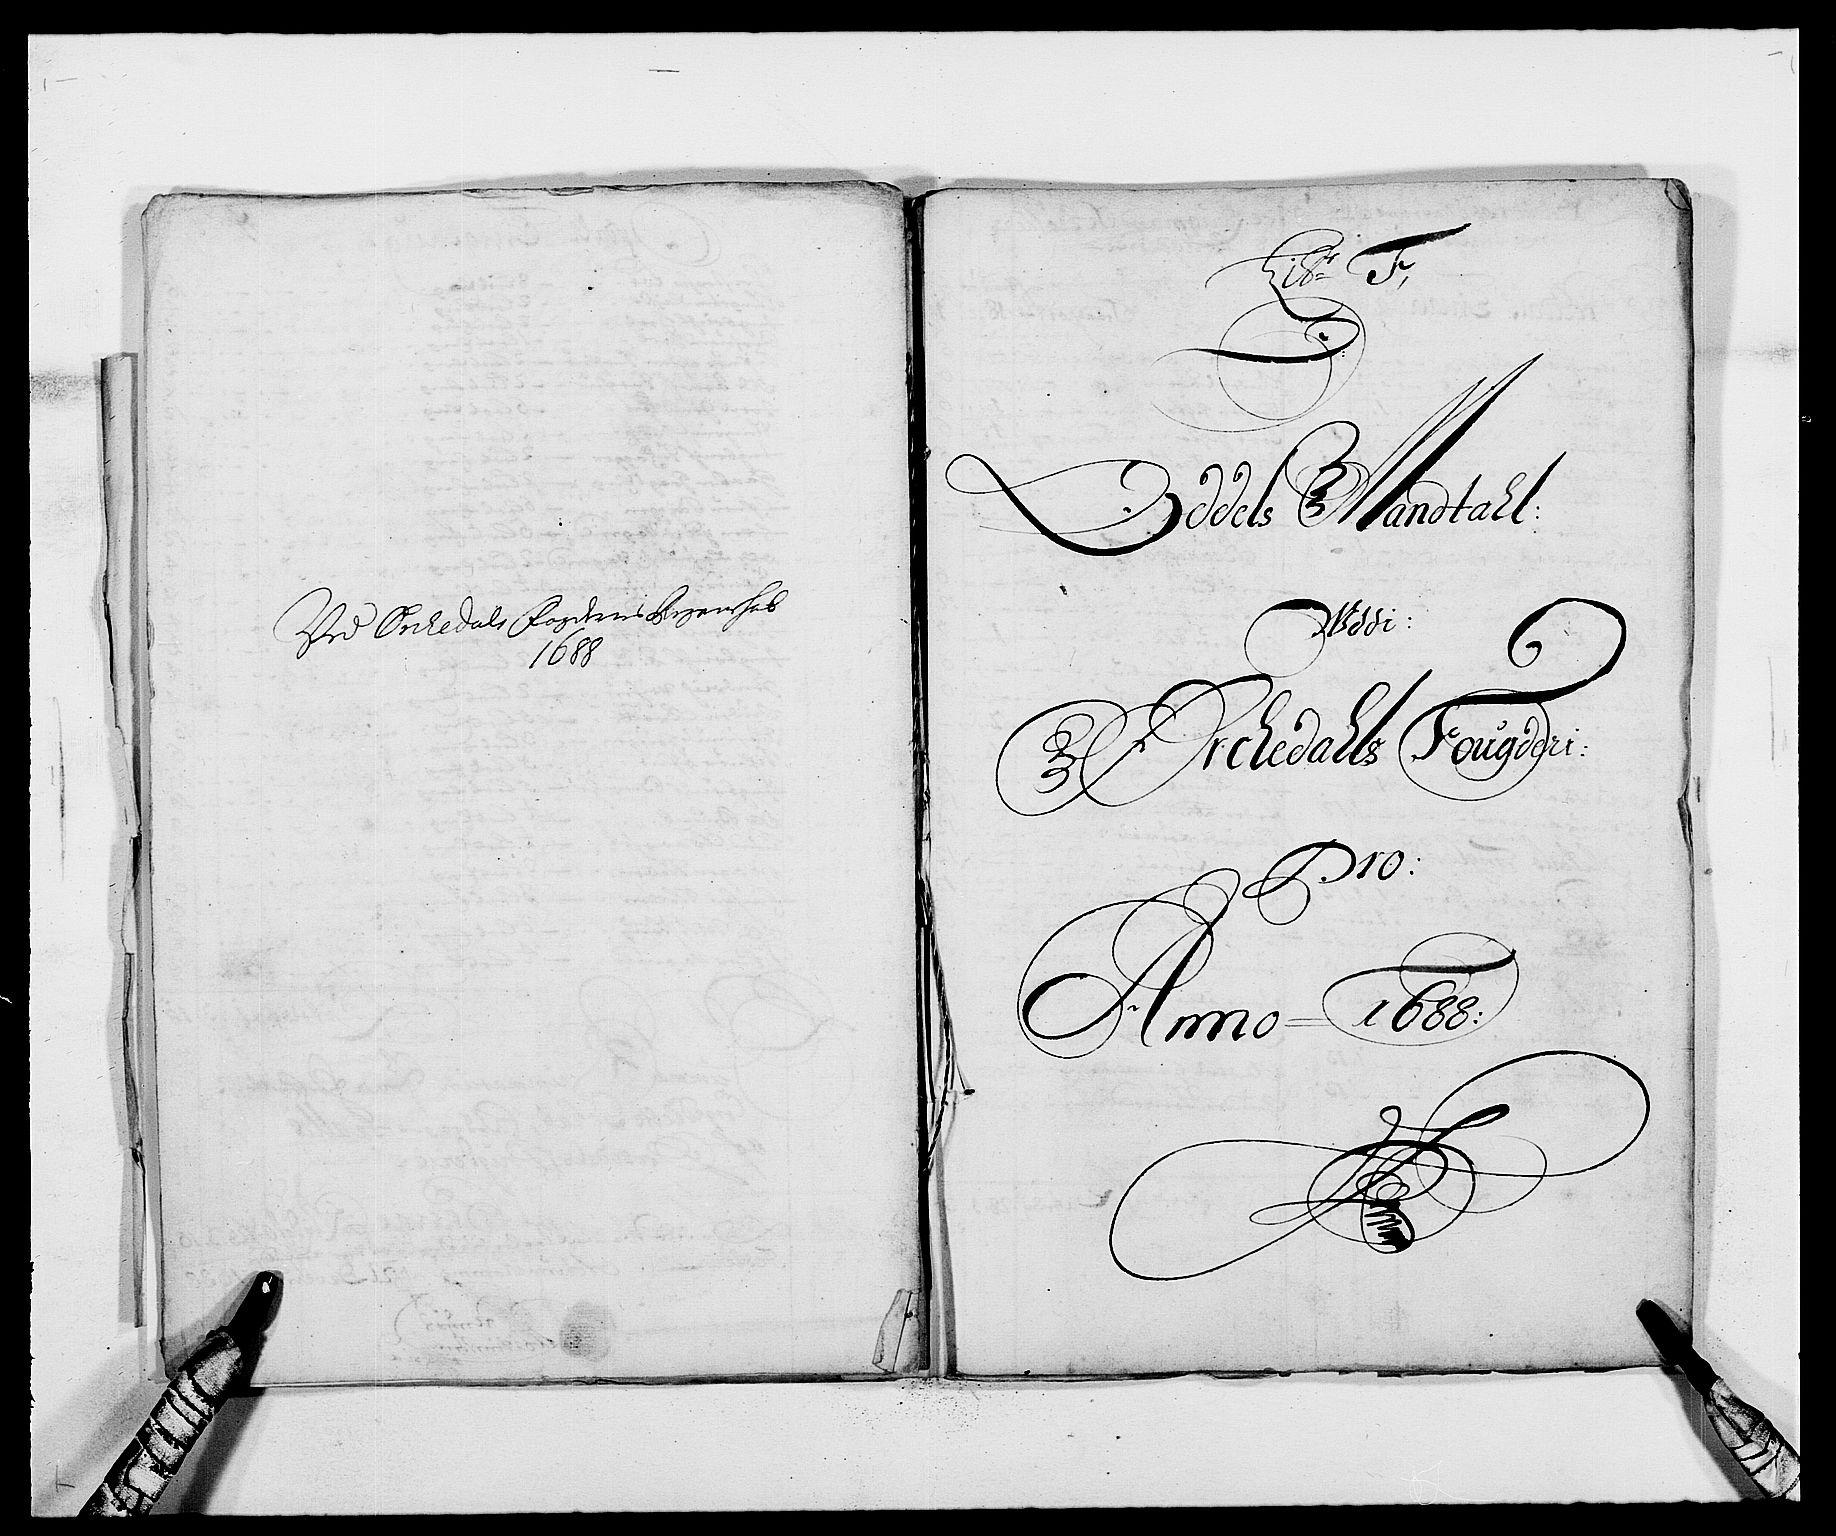 RA, Rentekammeret inntil 1814, Reviderte regnskaper, Fogderegnskap, R58/L3935: Fogderegnskap Orkdal, 1687-1688, s. 273